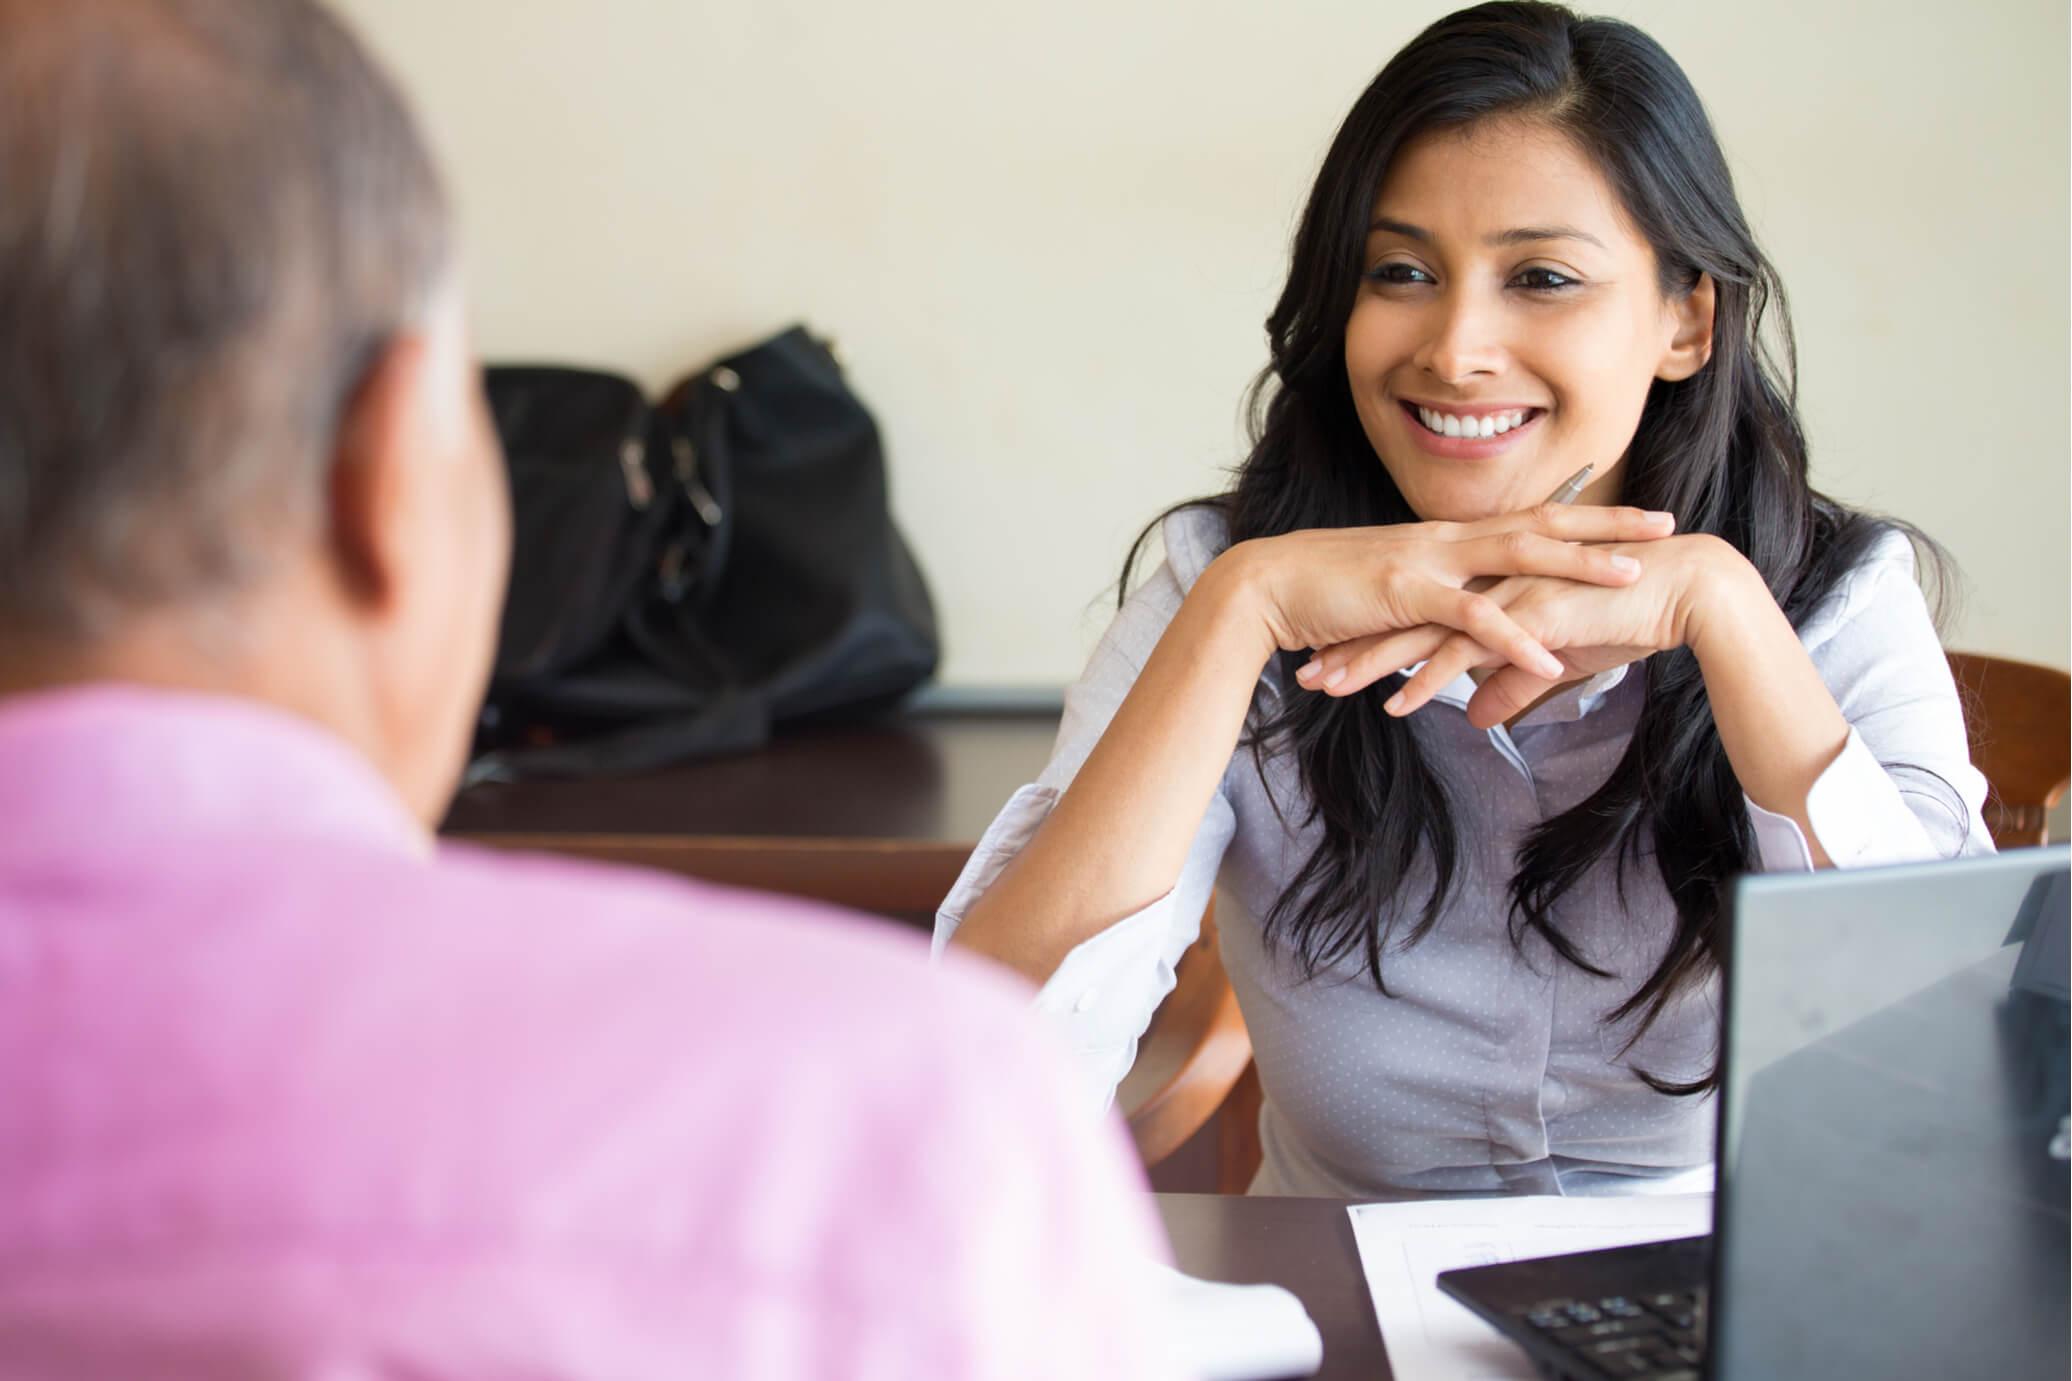 evaluating receptionist